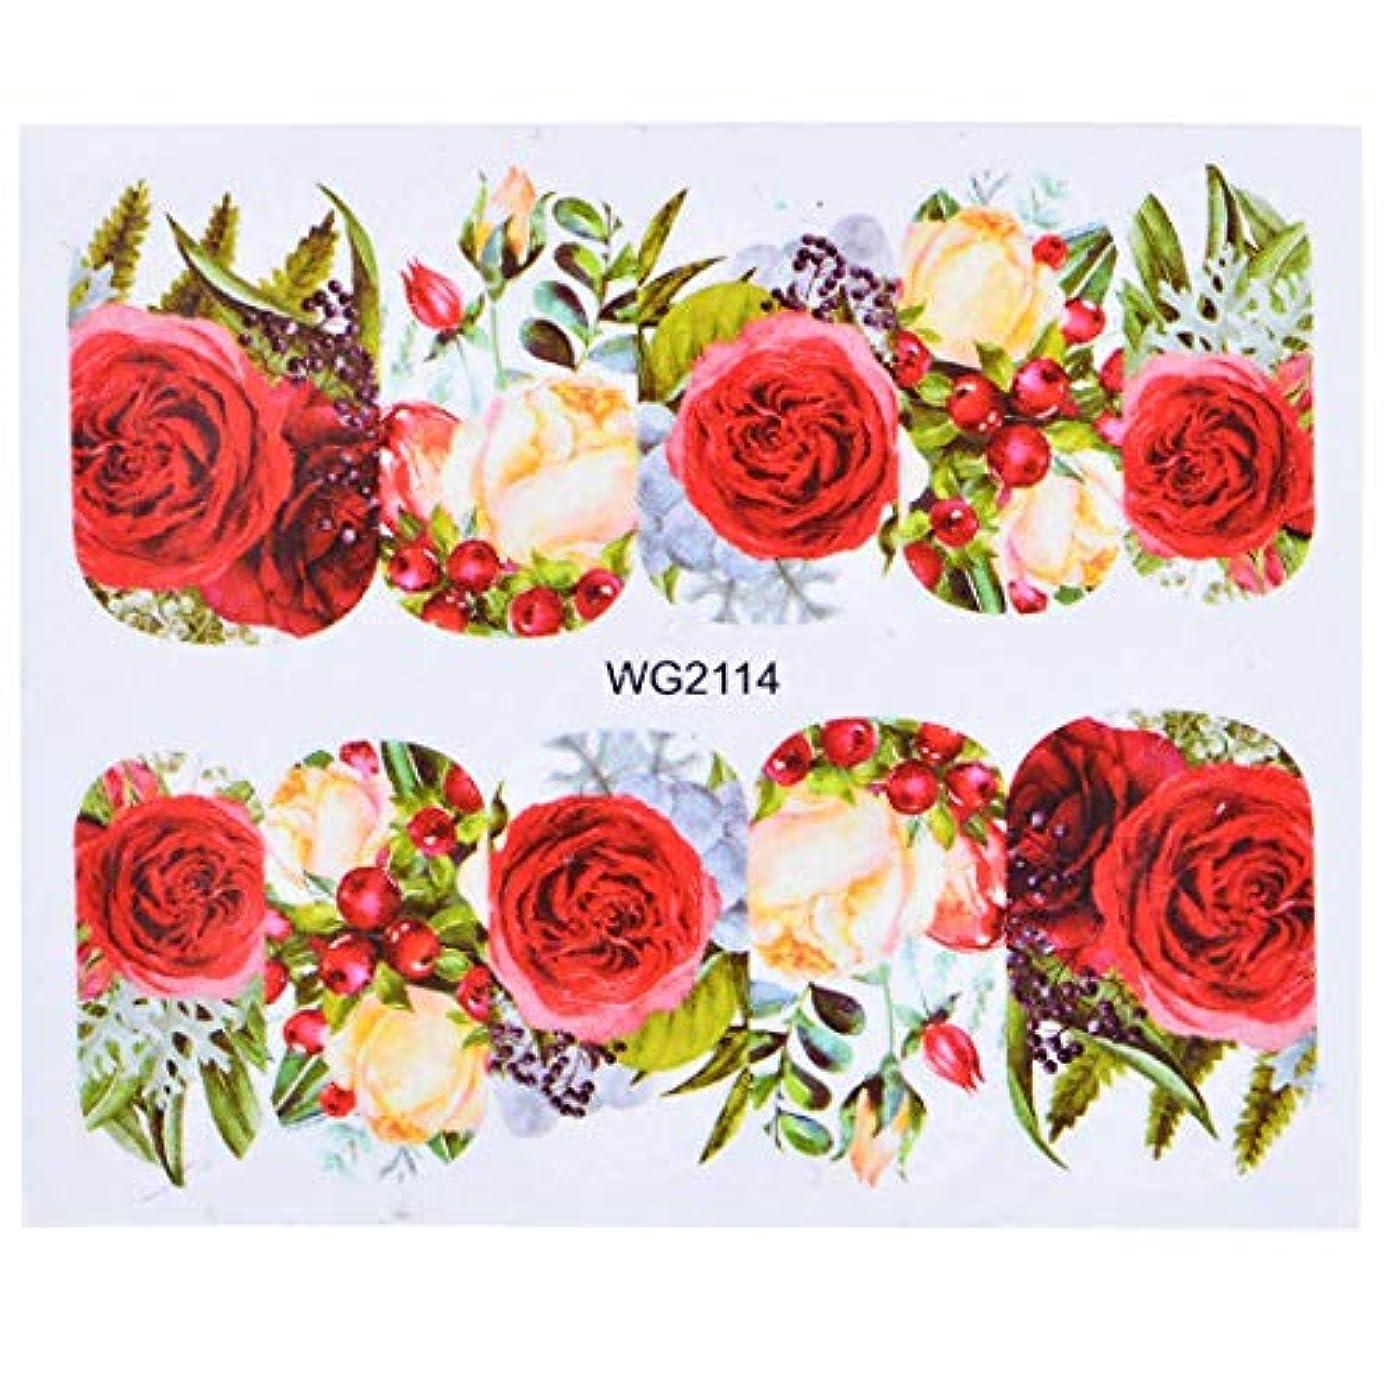 シンプトンヒステリック失礼なSUKTI&XIAO ネイルステッカー 1枚の美しいロマンチックなステッカー赤いスカートの女の子のネイルアートデザインマニキュア水転写デカールのヒントマニキュア、Wg2114